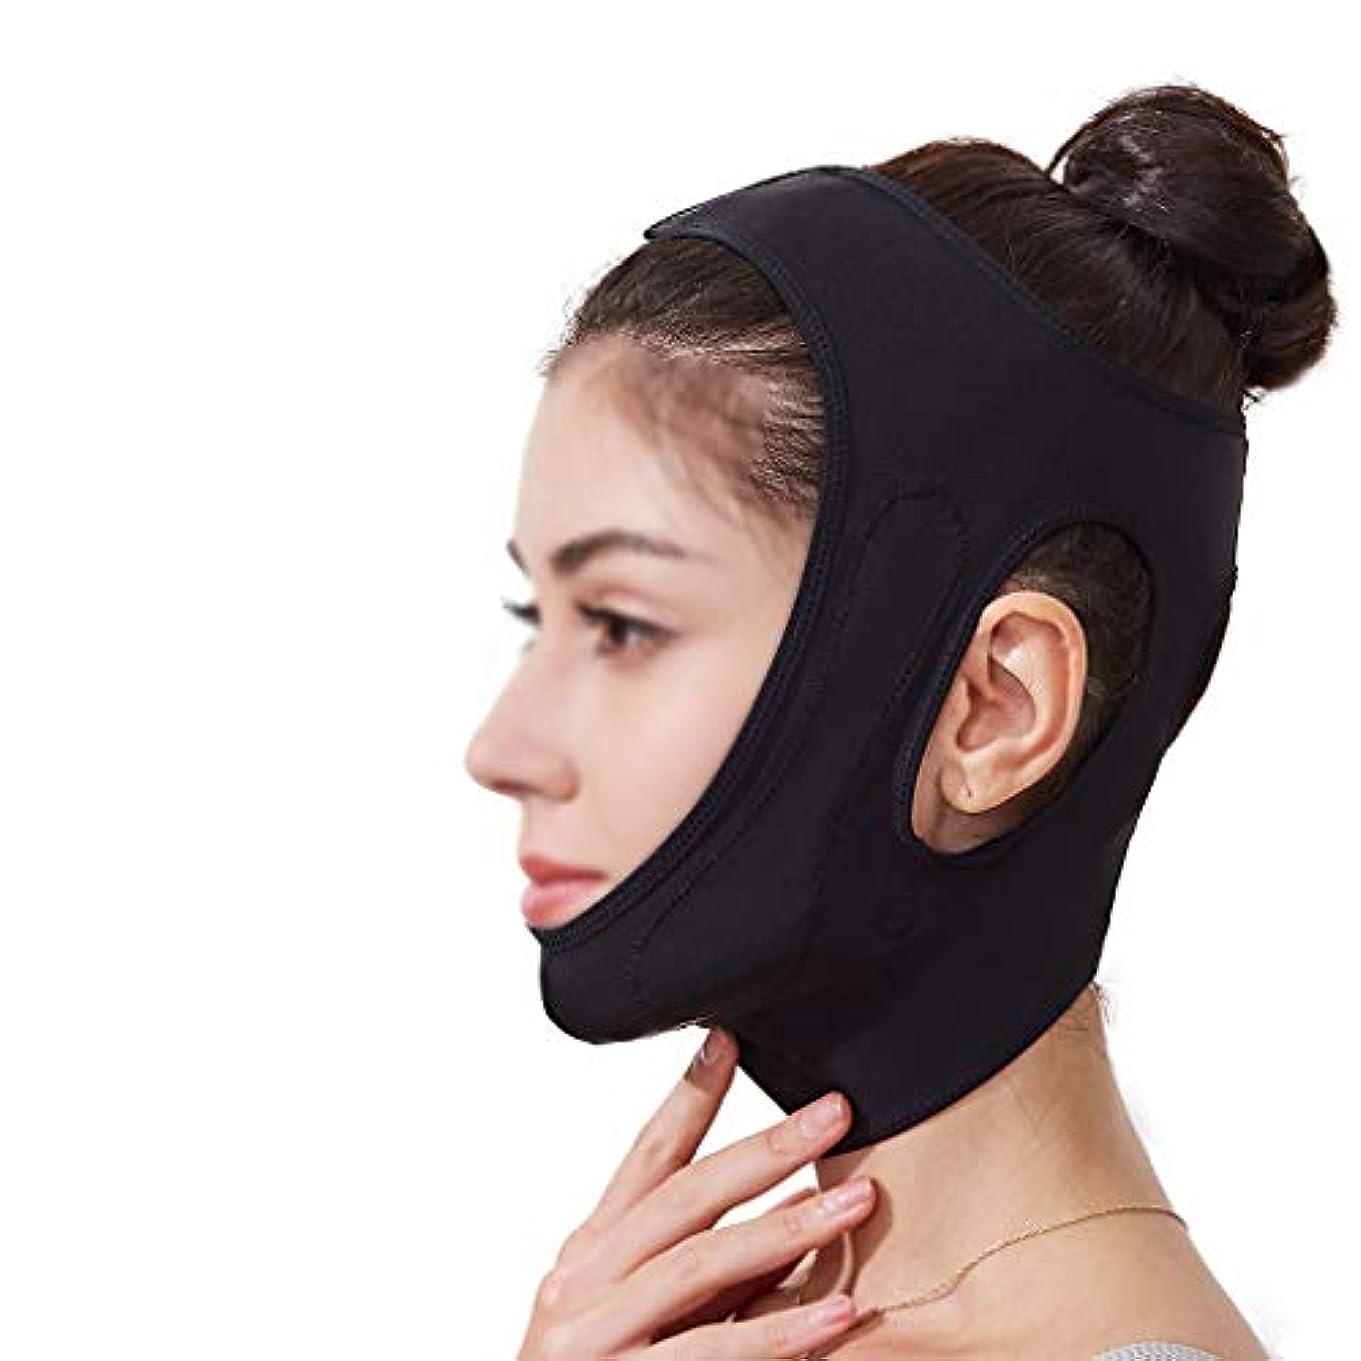 団結カッター文房具GLJJQMY フェイスリフティング包帯フェイシャルチークV字型リフティングマスクアンチシワは、小さなVフェイスを作成するために二重あごの快適な包帯を削減 顔用整形マスク (Color : Black)